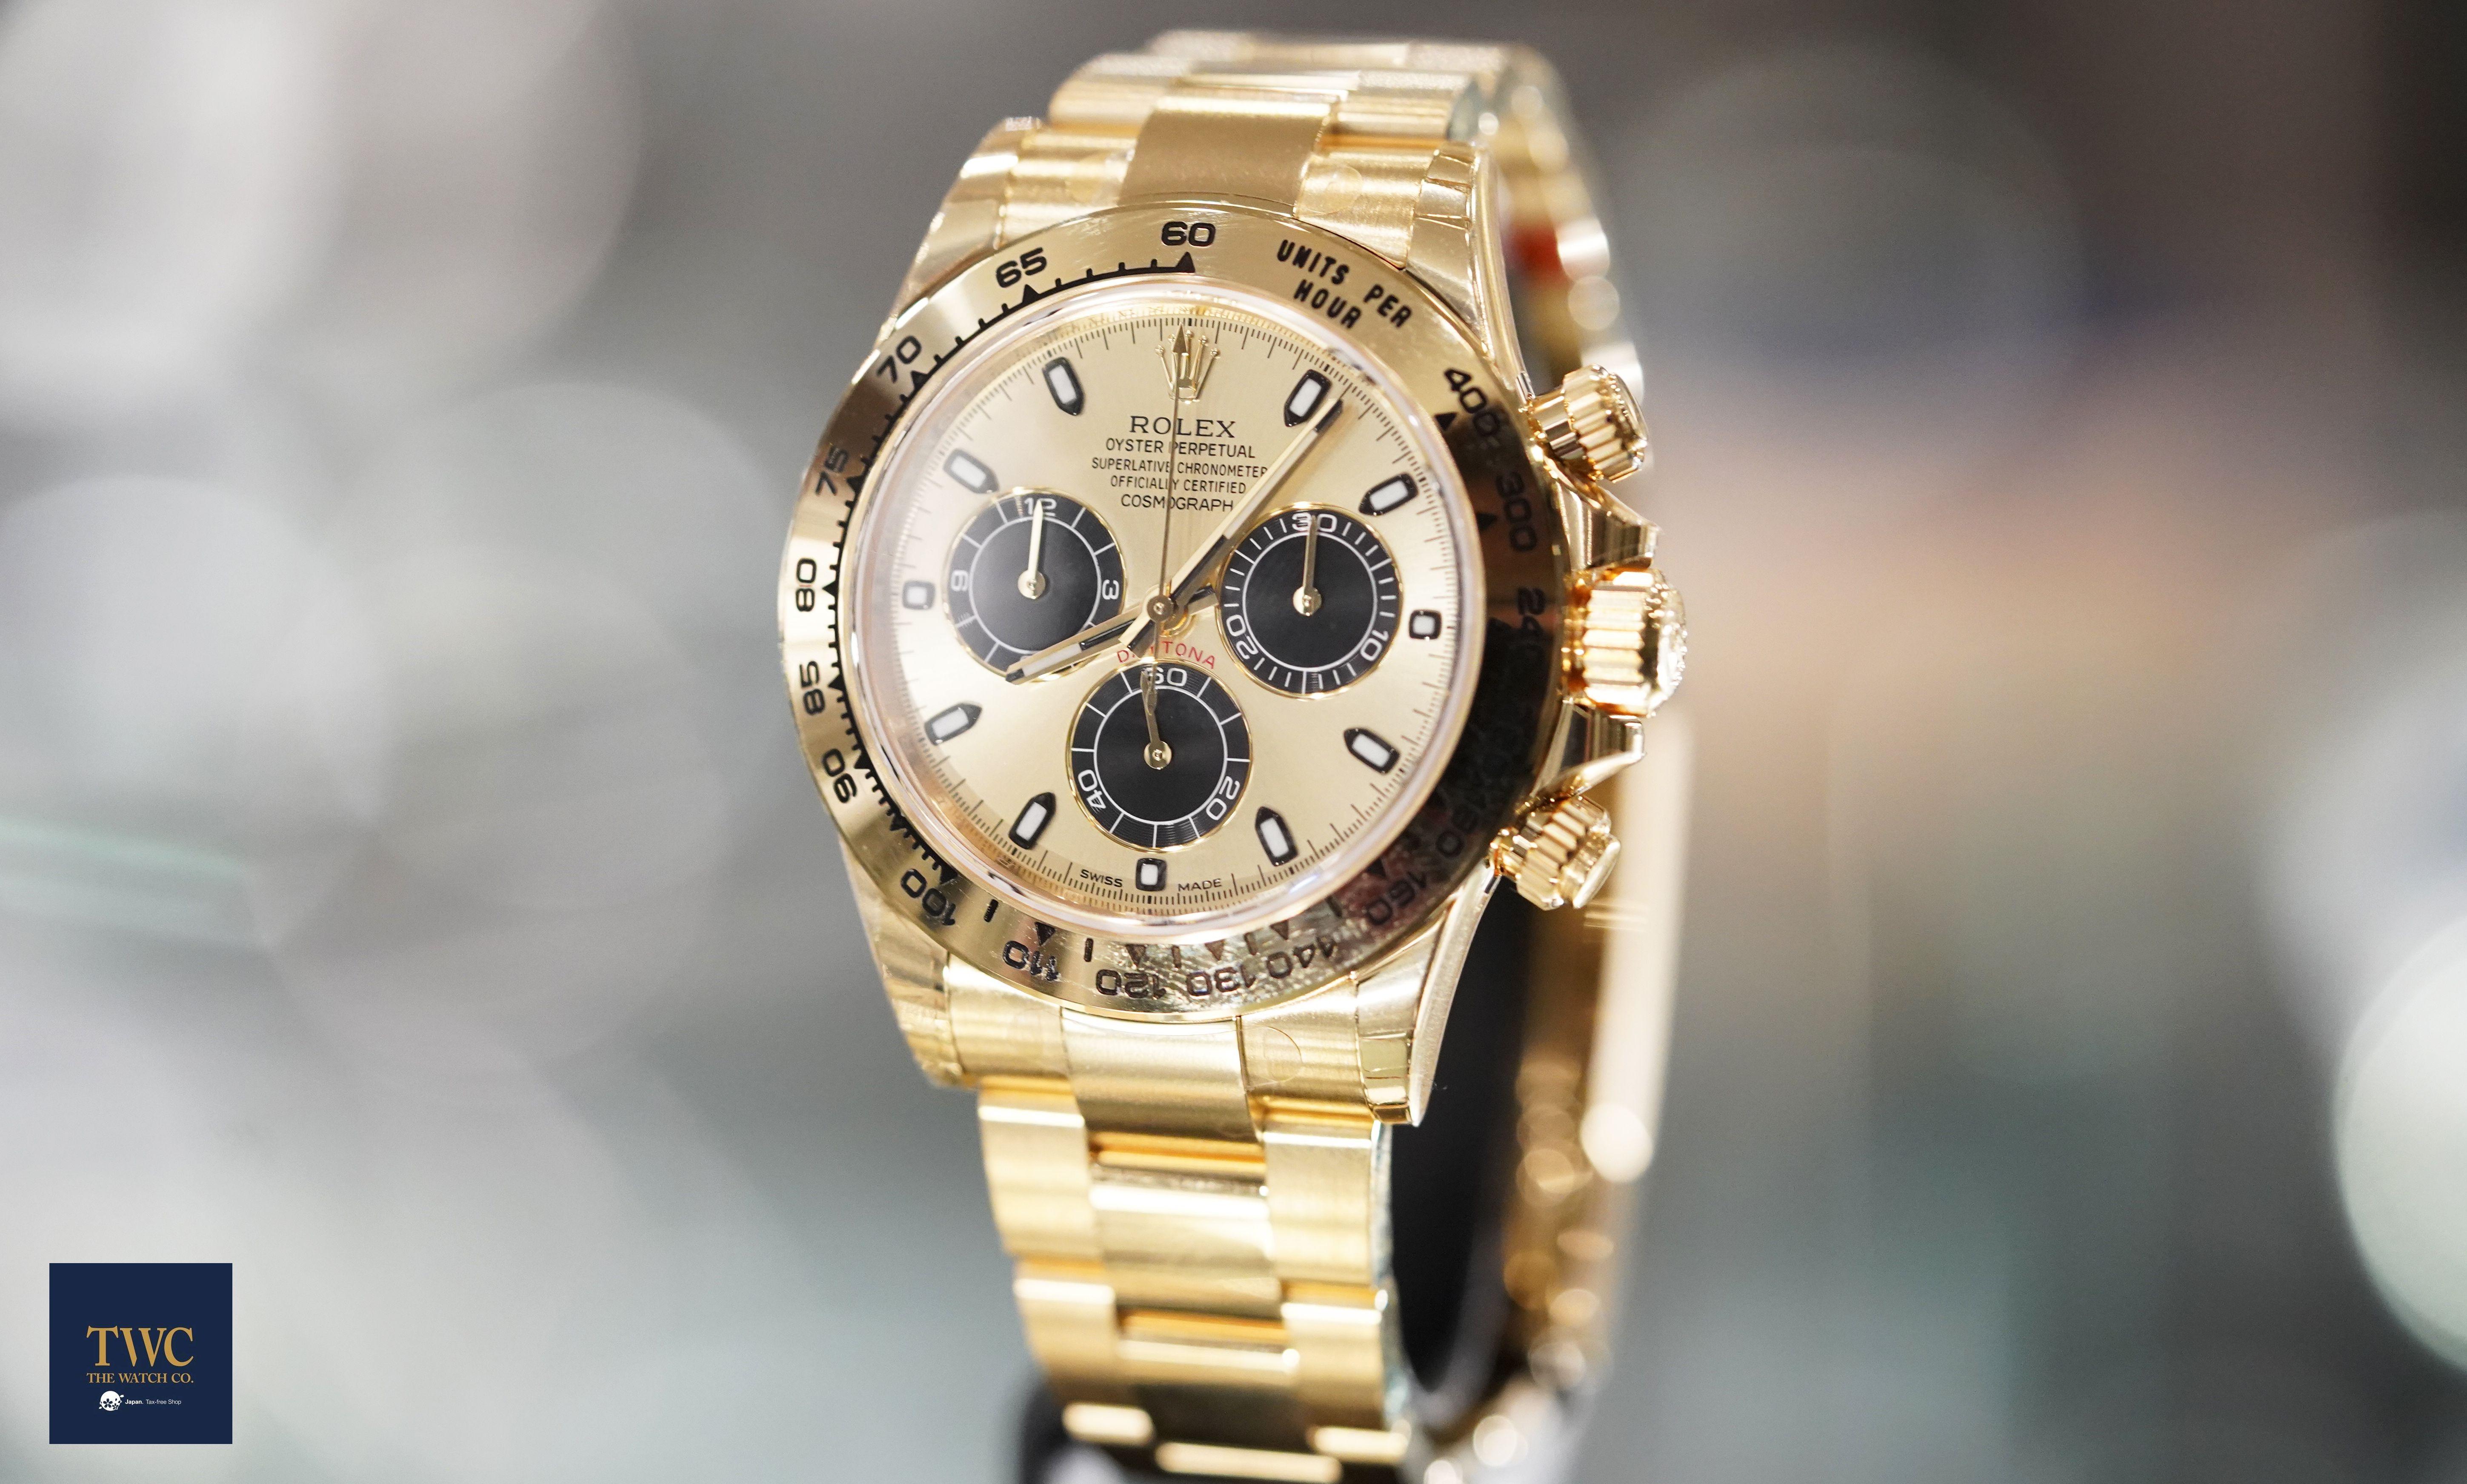 finest selection 3b515 b4c65 Rolex - Cosmograph Daytona Daytona Champagne 18k yellow gold ...